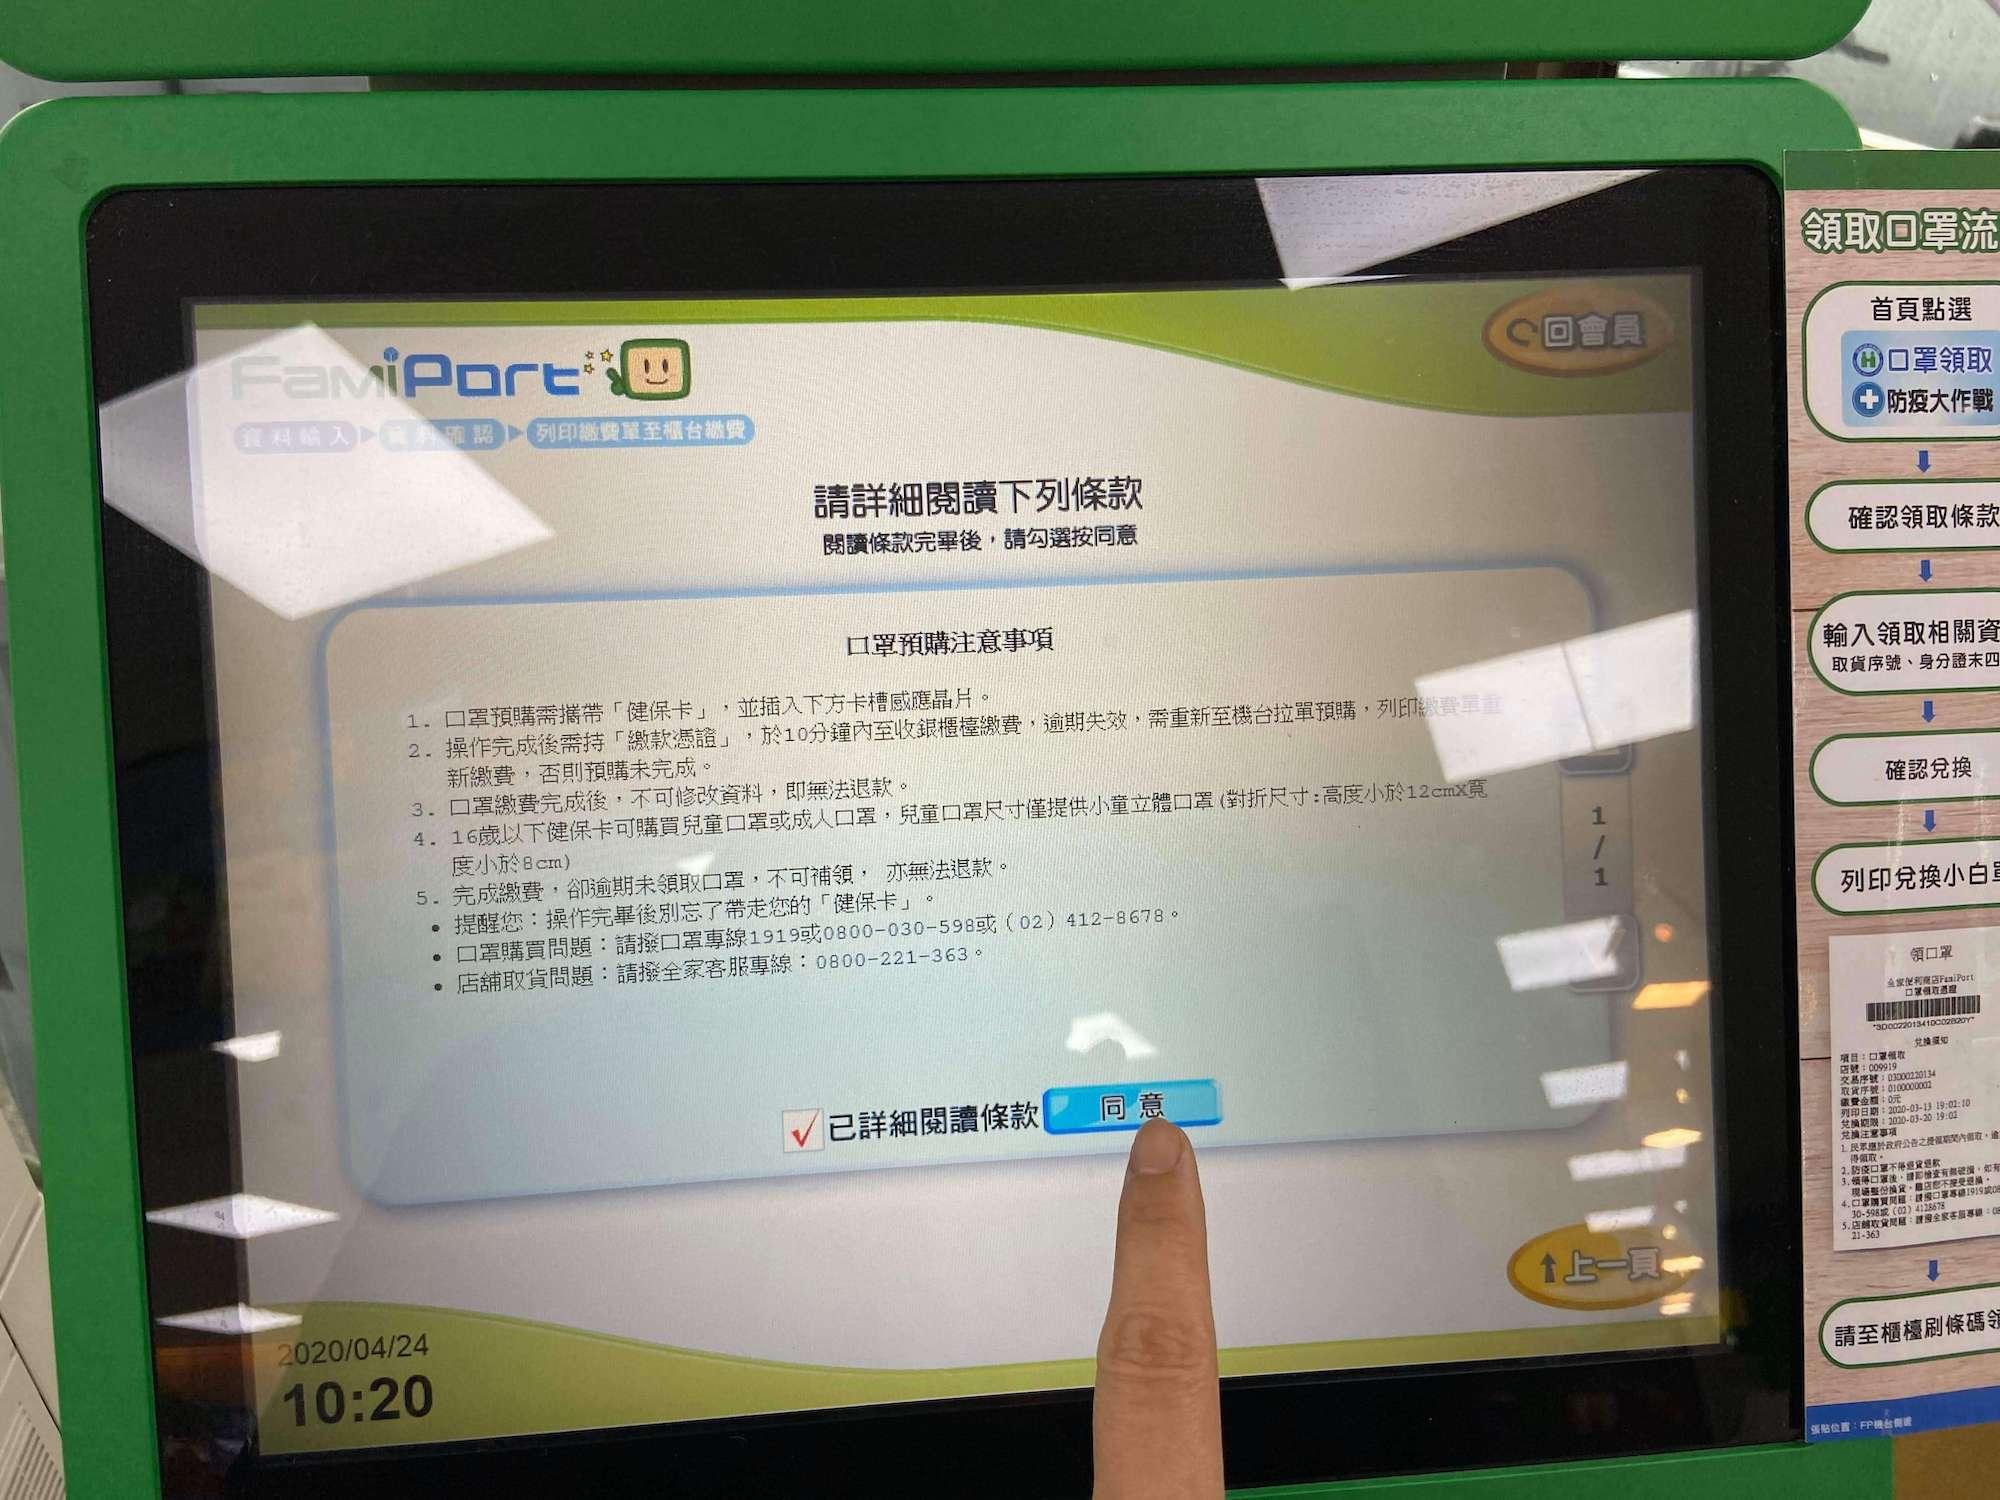 【台湾のコロナウイルス状況・対策】コンビニのマスク購入予約:3.受け取るルールを確認する。